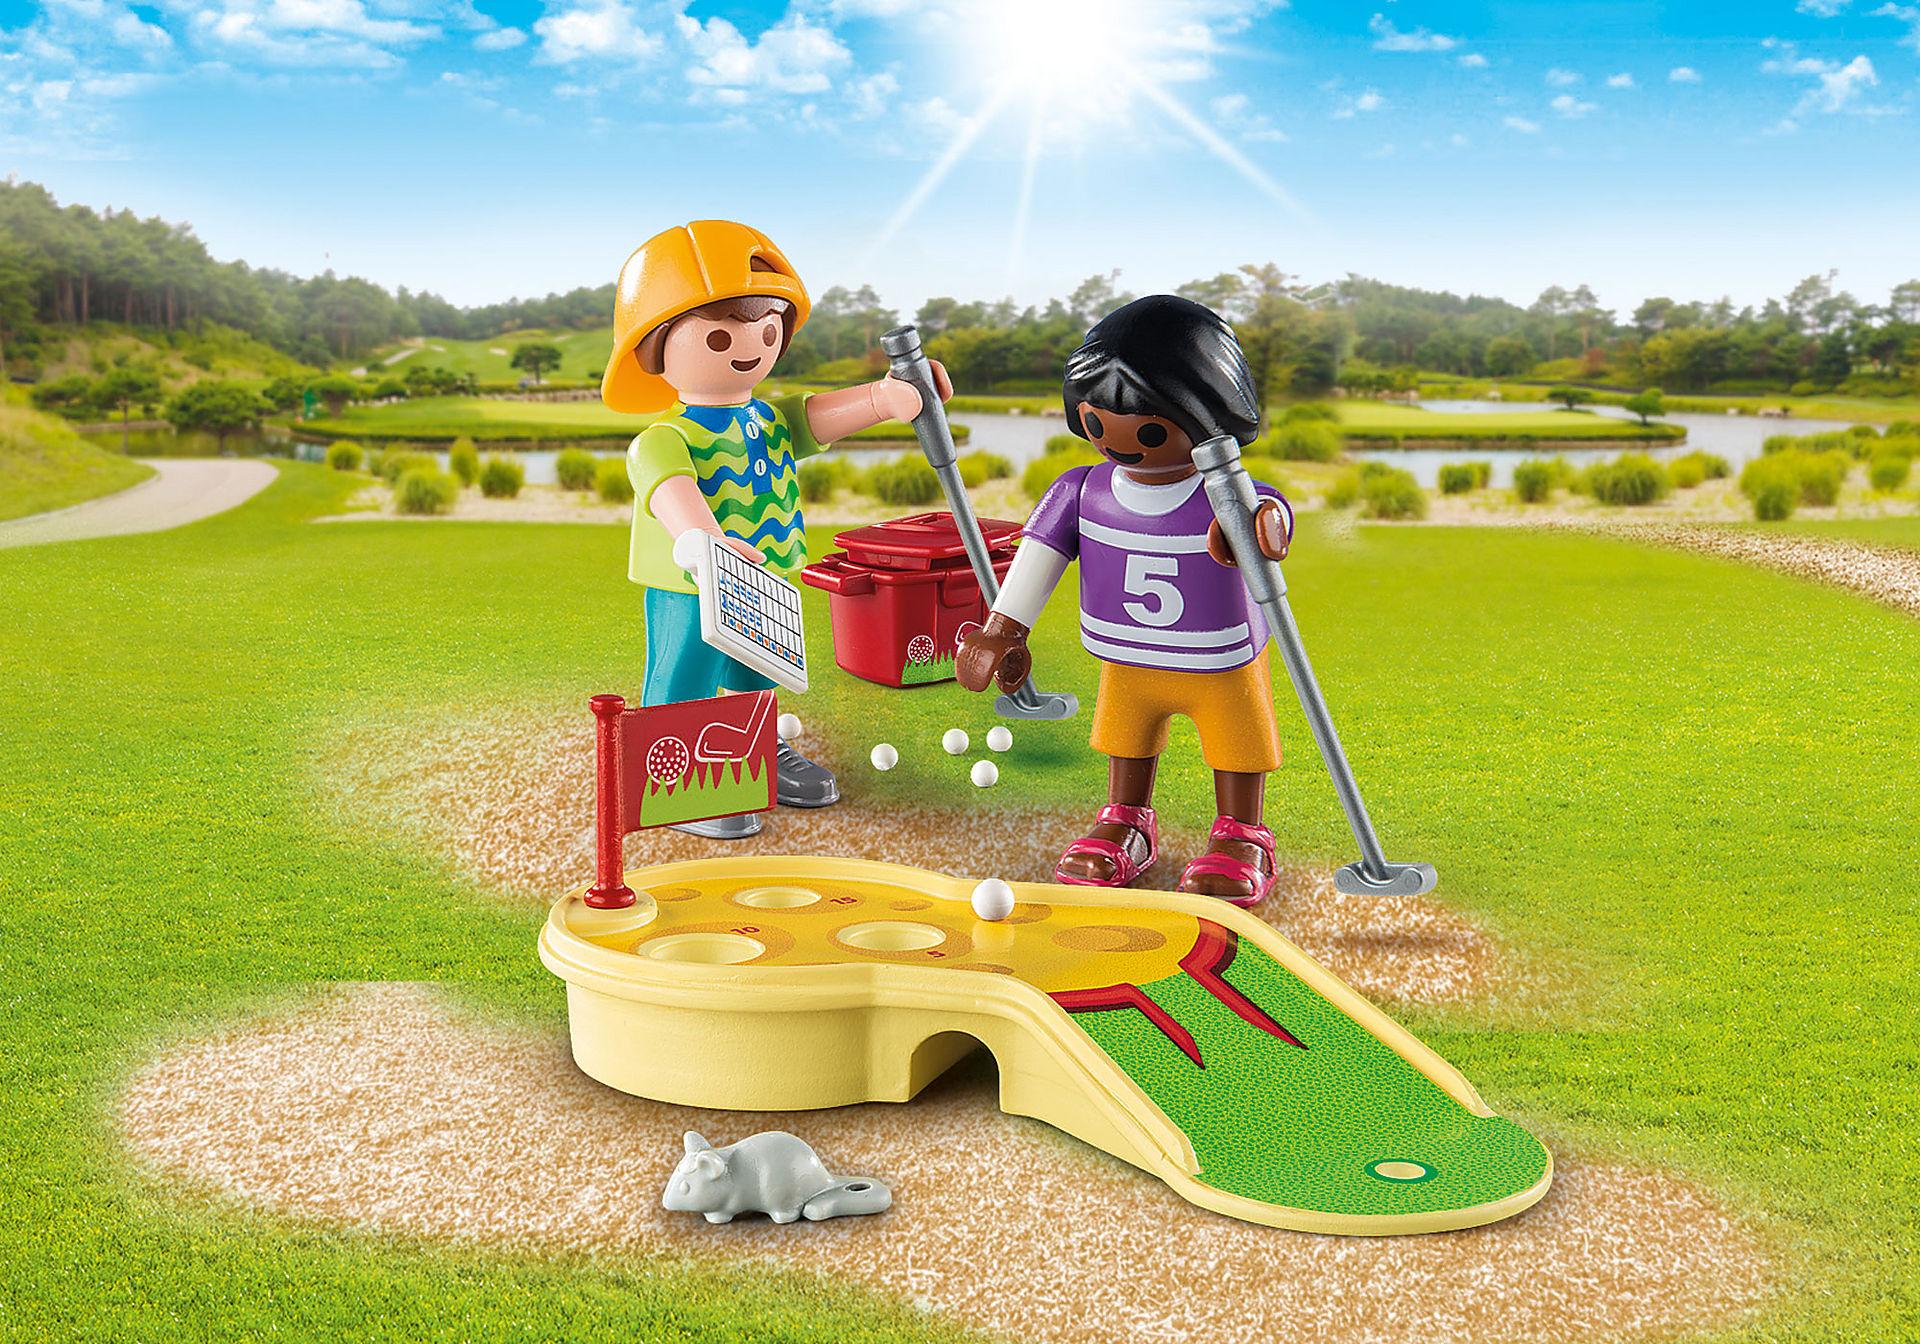 9439 Minigolfe para Crianças zoom image1